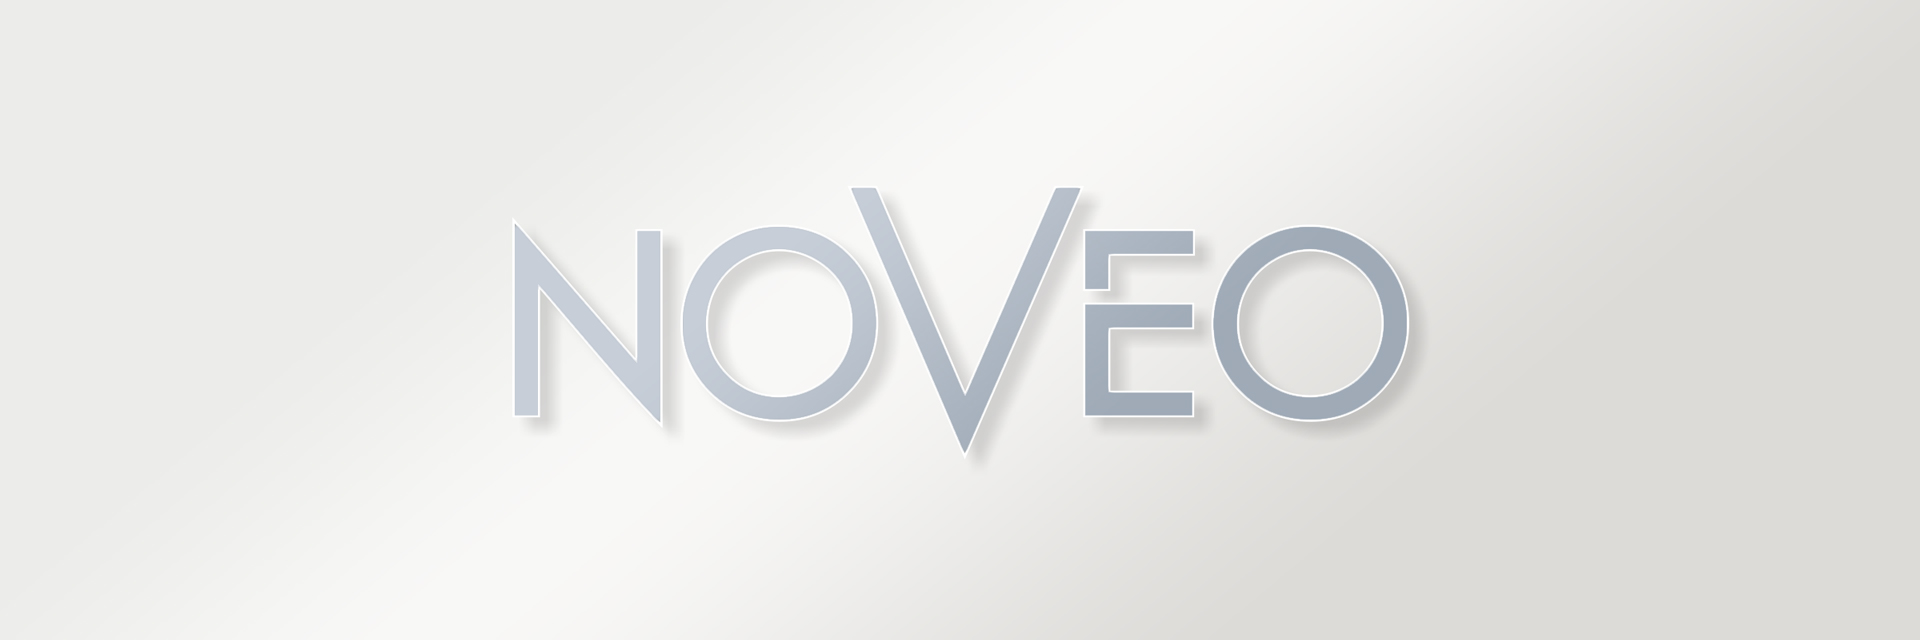 Noveo